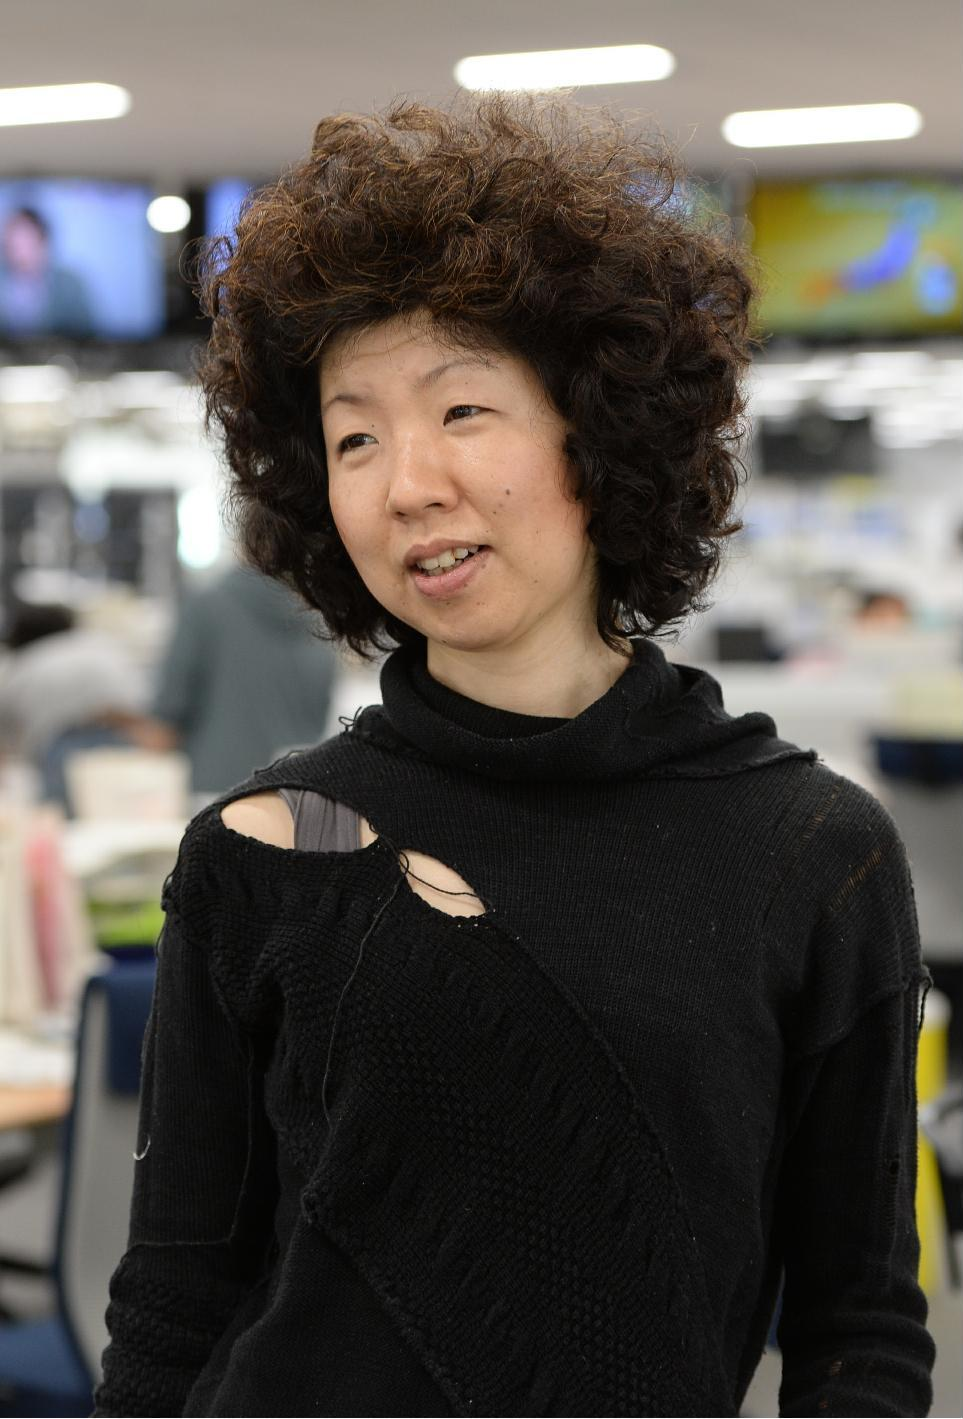 稲垣えみ子(朝日新聞)のプロフィールや経歴は?アフロが気になる?